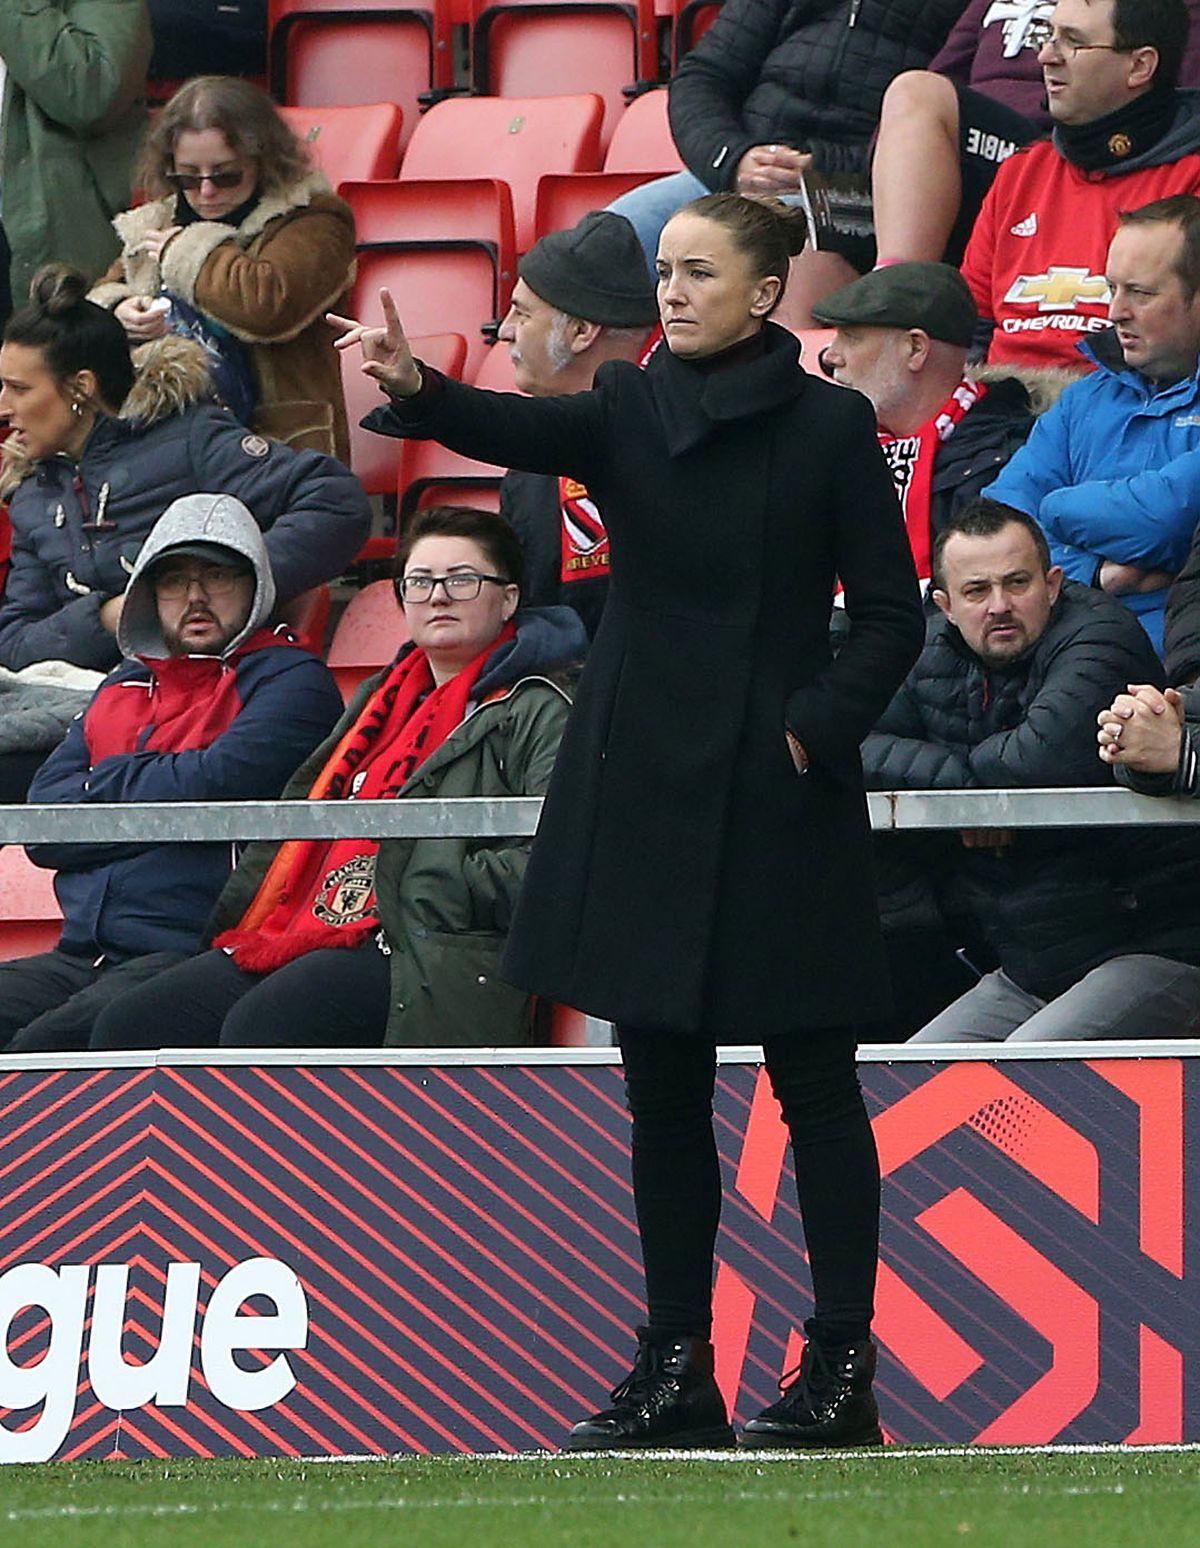 Manchester United v Brighton & Hove Albion - Barclays FA Women's Super League